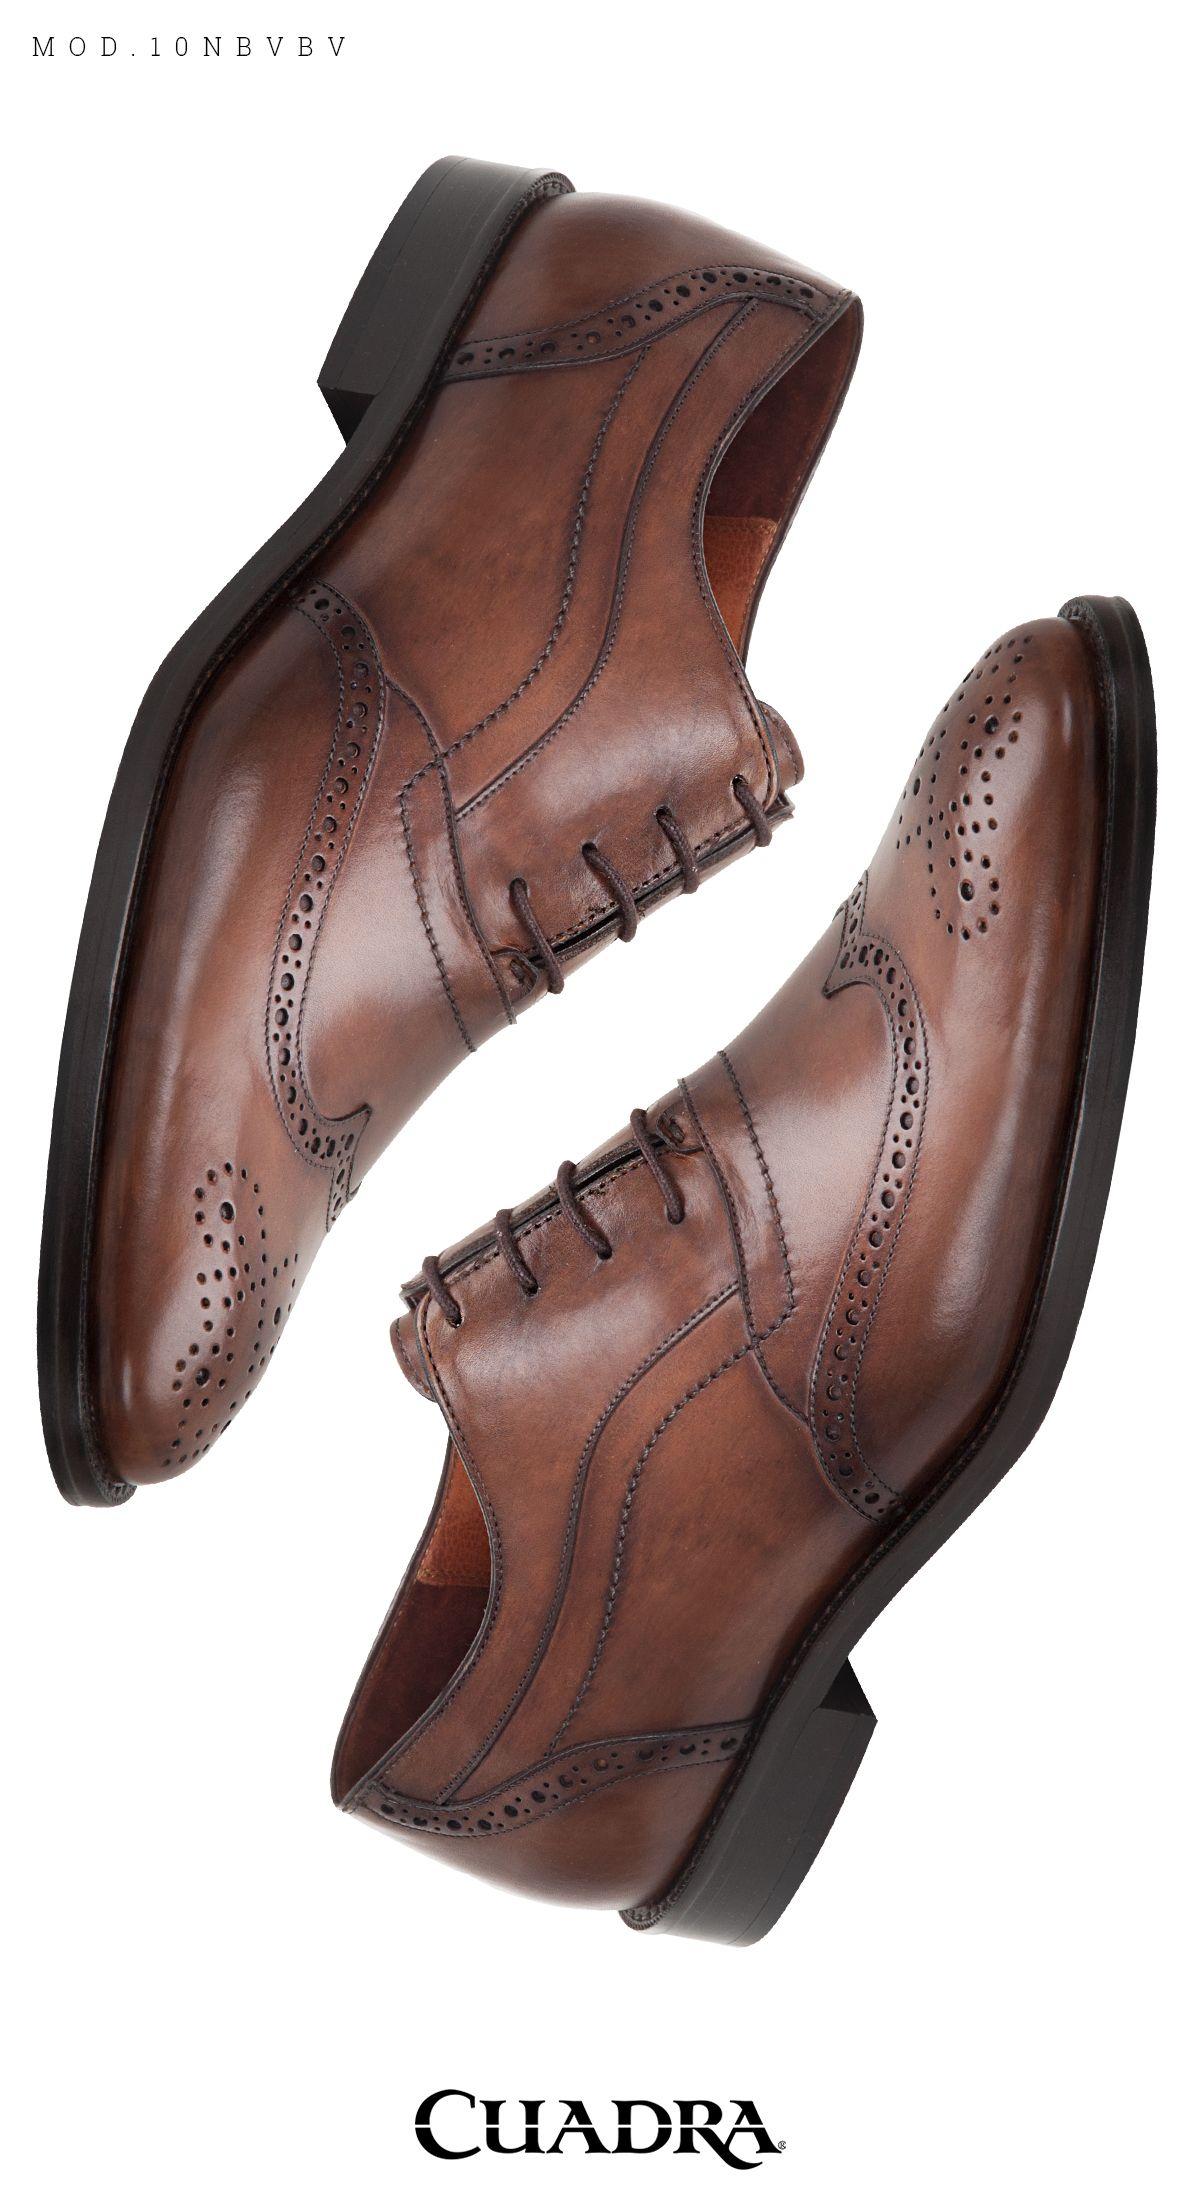 494154c435918 Zapatos de Moda 2018 Hombre Franco Cuadra.  zapatosdehombre  calzadohombre   zapatoshombrevestir  zapatosdepiel  mocasineshombre